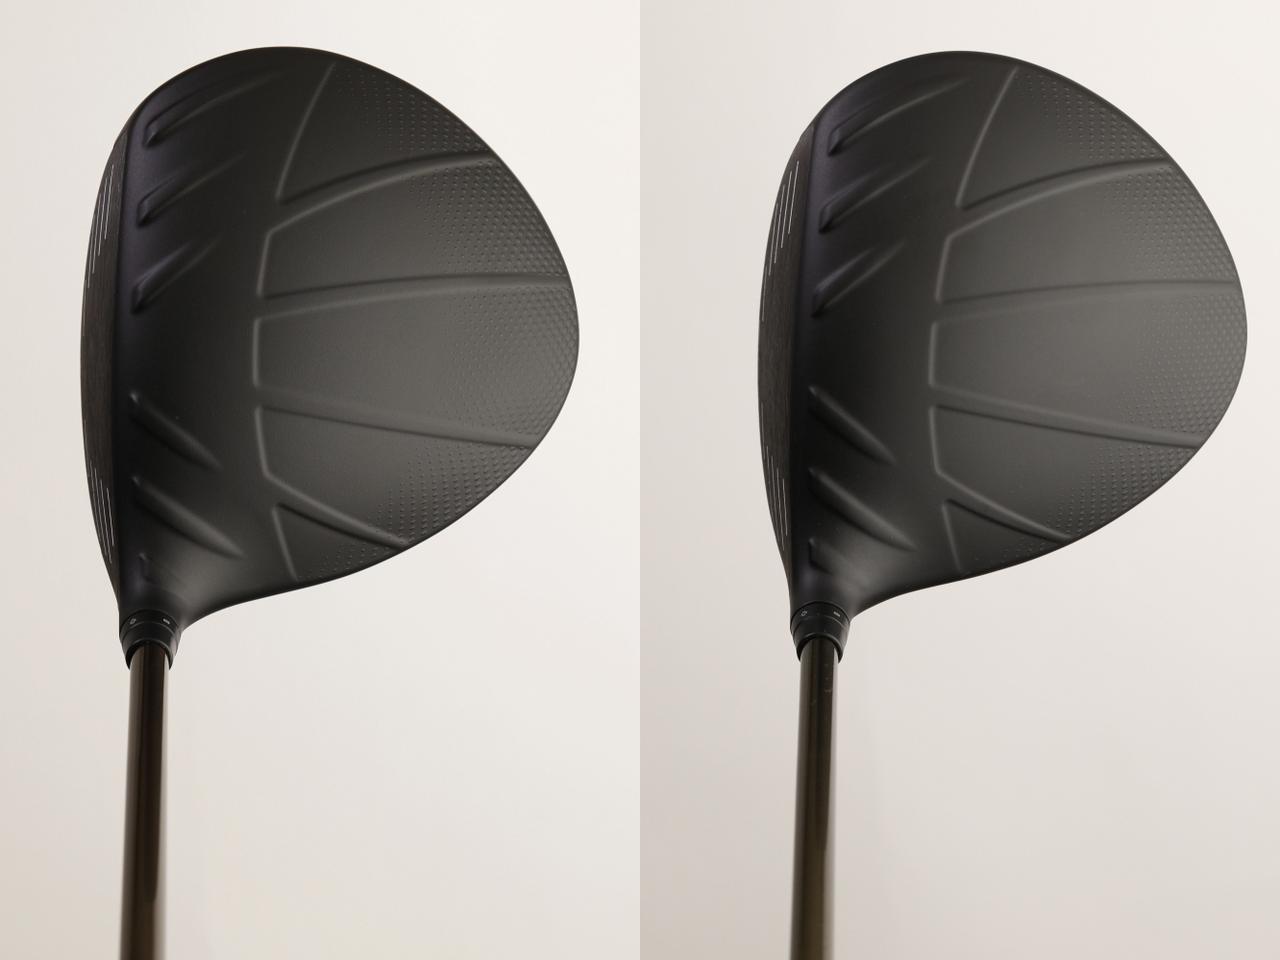 画像: 左がスタンダードで右がSFテック。はっきり言って、構えただけではどちらがどちらかわからない